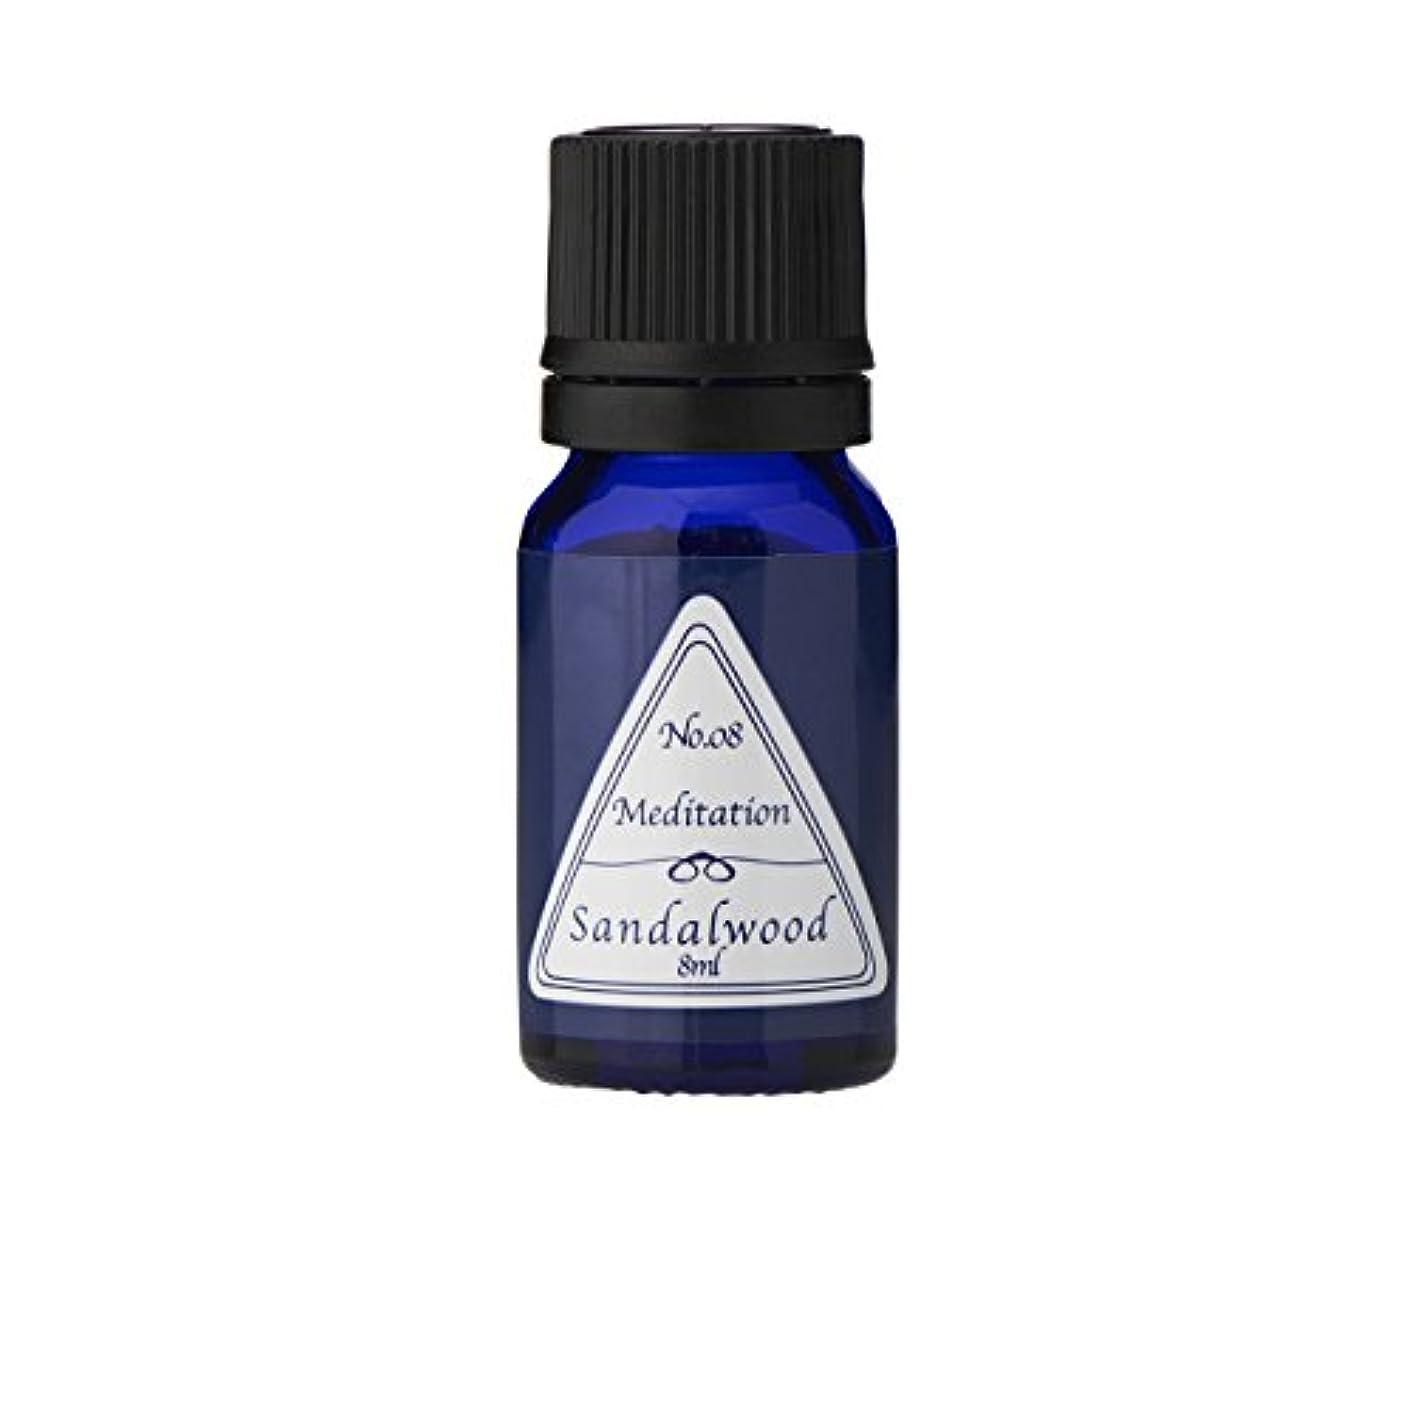 スワップアルミニウム模索ブルーラベル アロマエッセンス8ml サンダルウッド(アロマオイル 調合香料 芳香用)